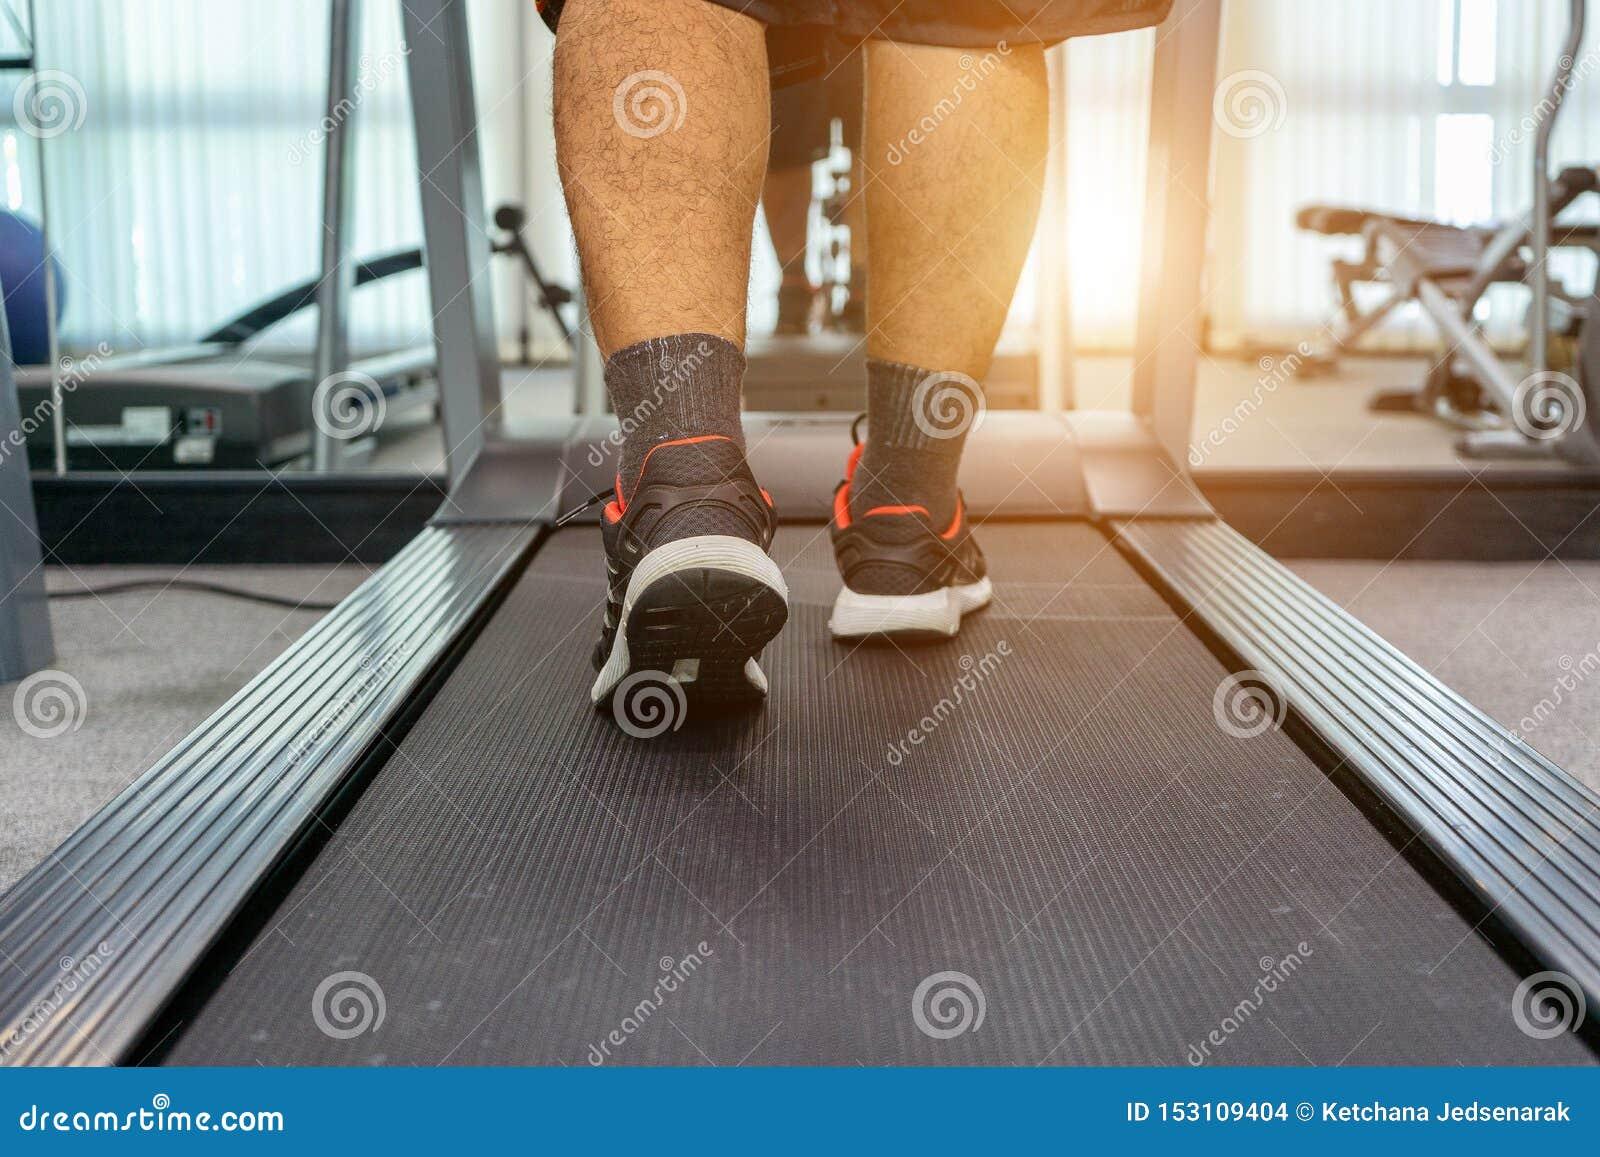 Männer trainieren, indem sie auf einer Tretmühle laufen, nachdem sie in einer Tätigkeitsinneneignungsmitte als gesunder Körper ge